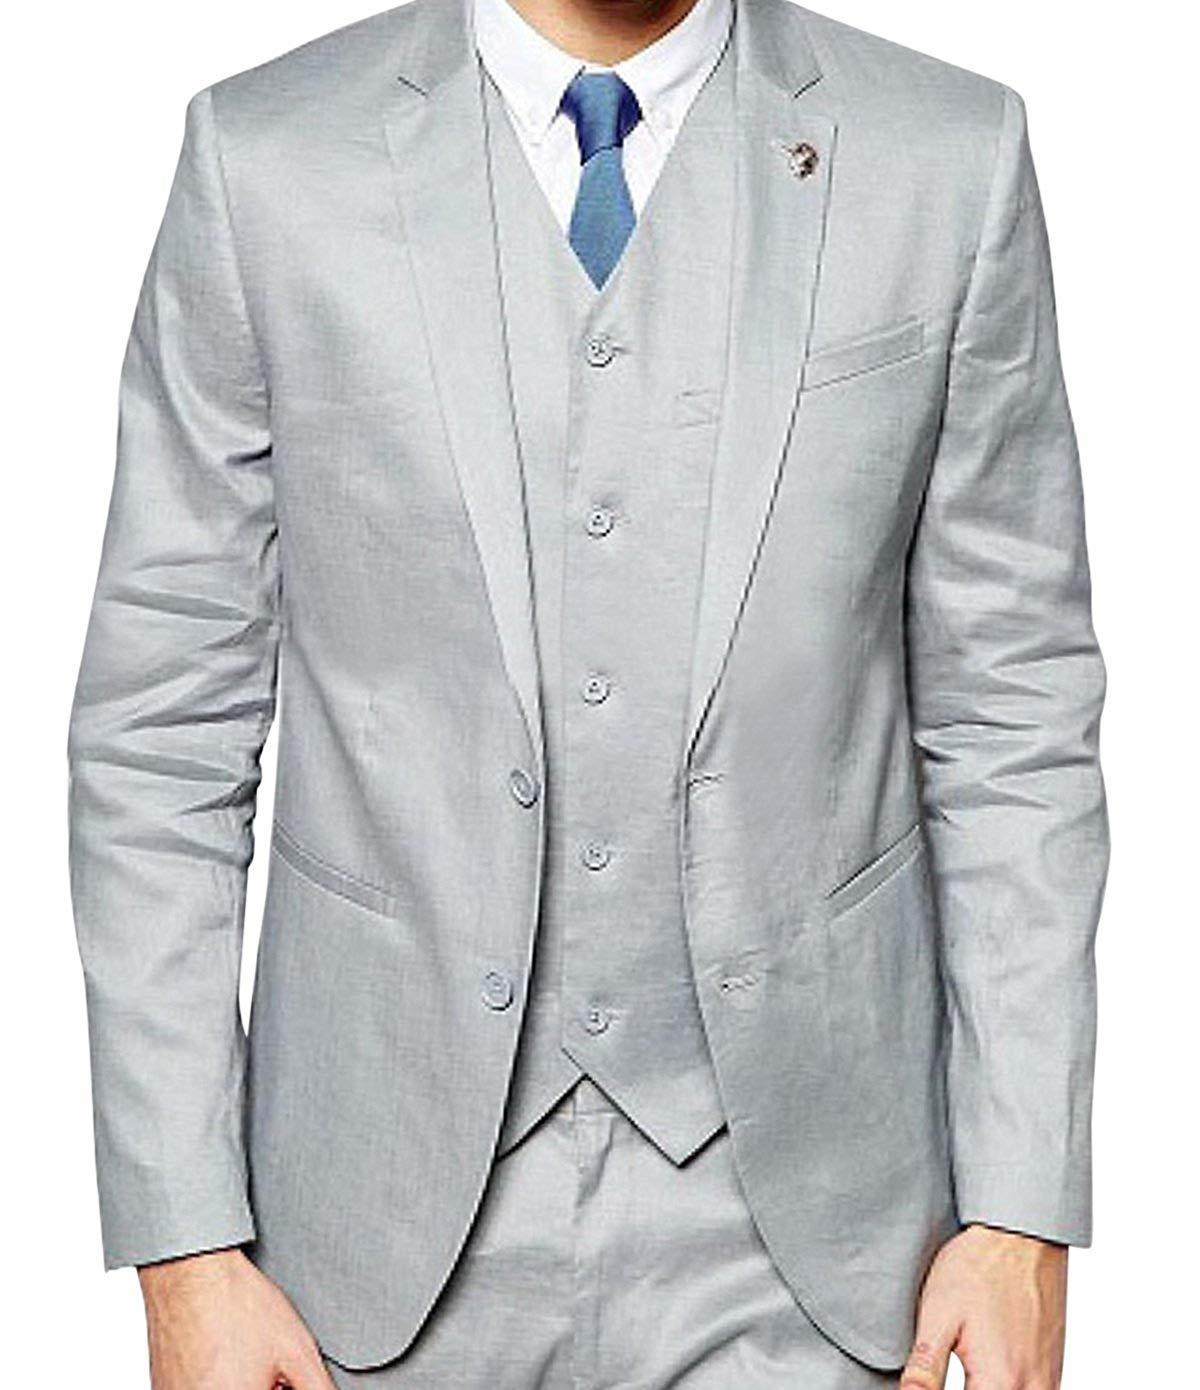 Formal wear slim fit light grey 3 piece tuxedo suit